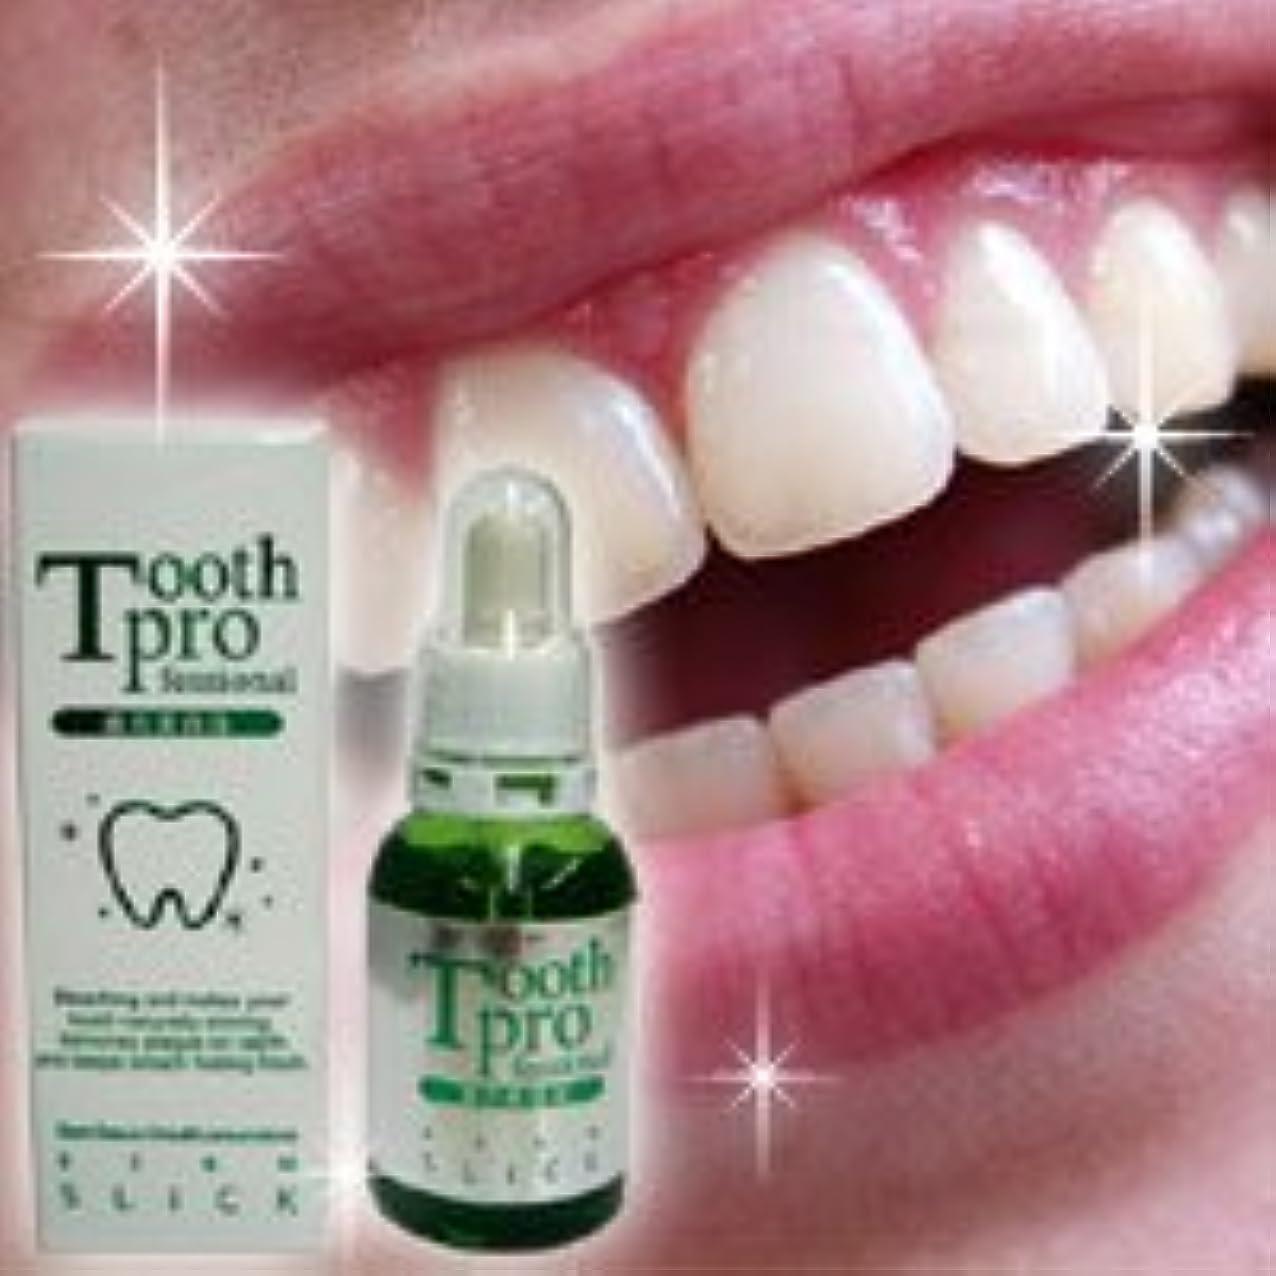 フォーム変更可能緑歯科医が大絶賛!でも販売には猛反対! ビームスリック トゥースプロフェッショナル 20ml